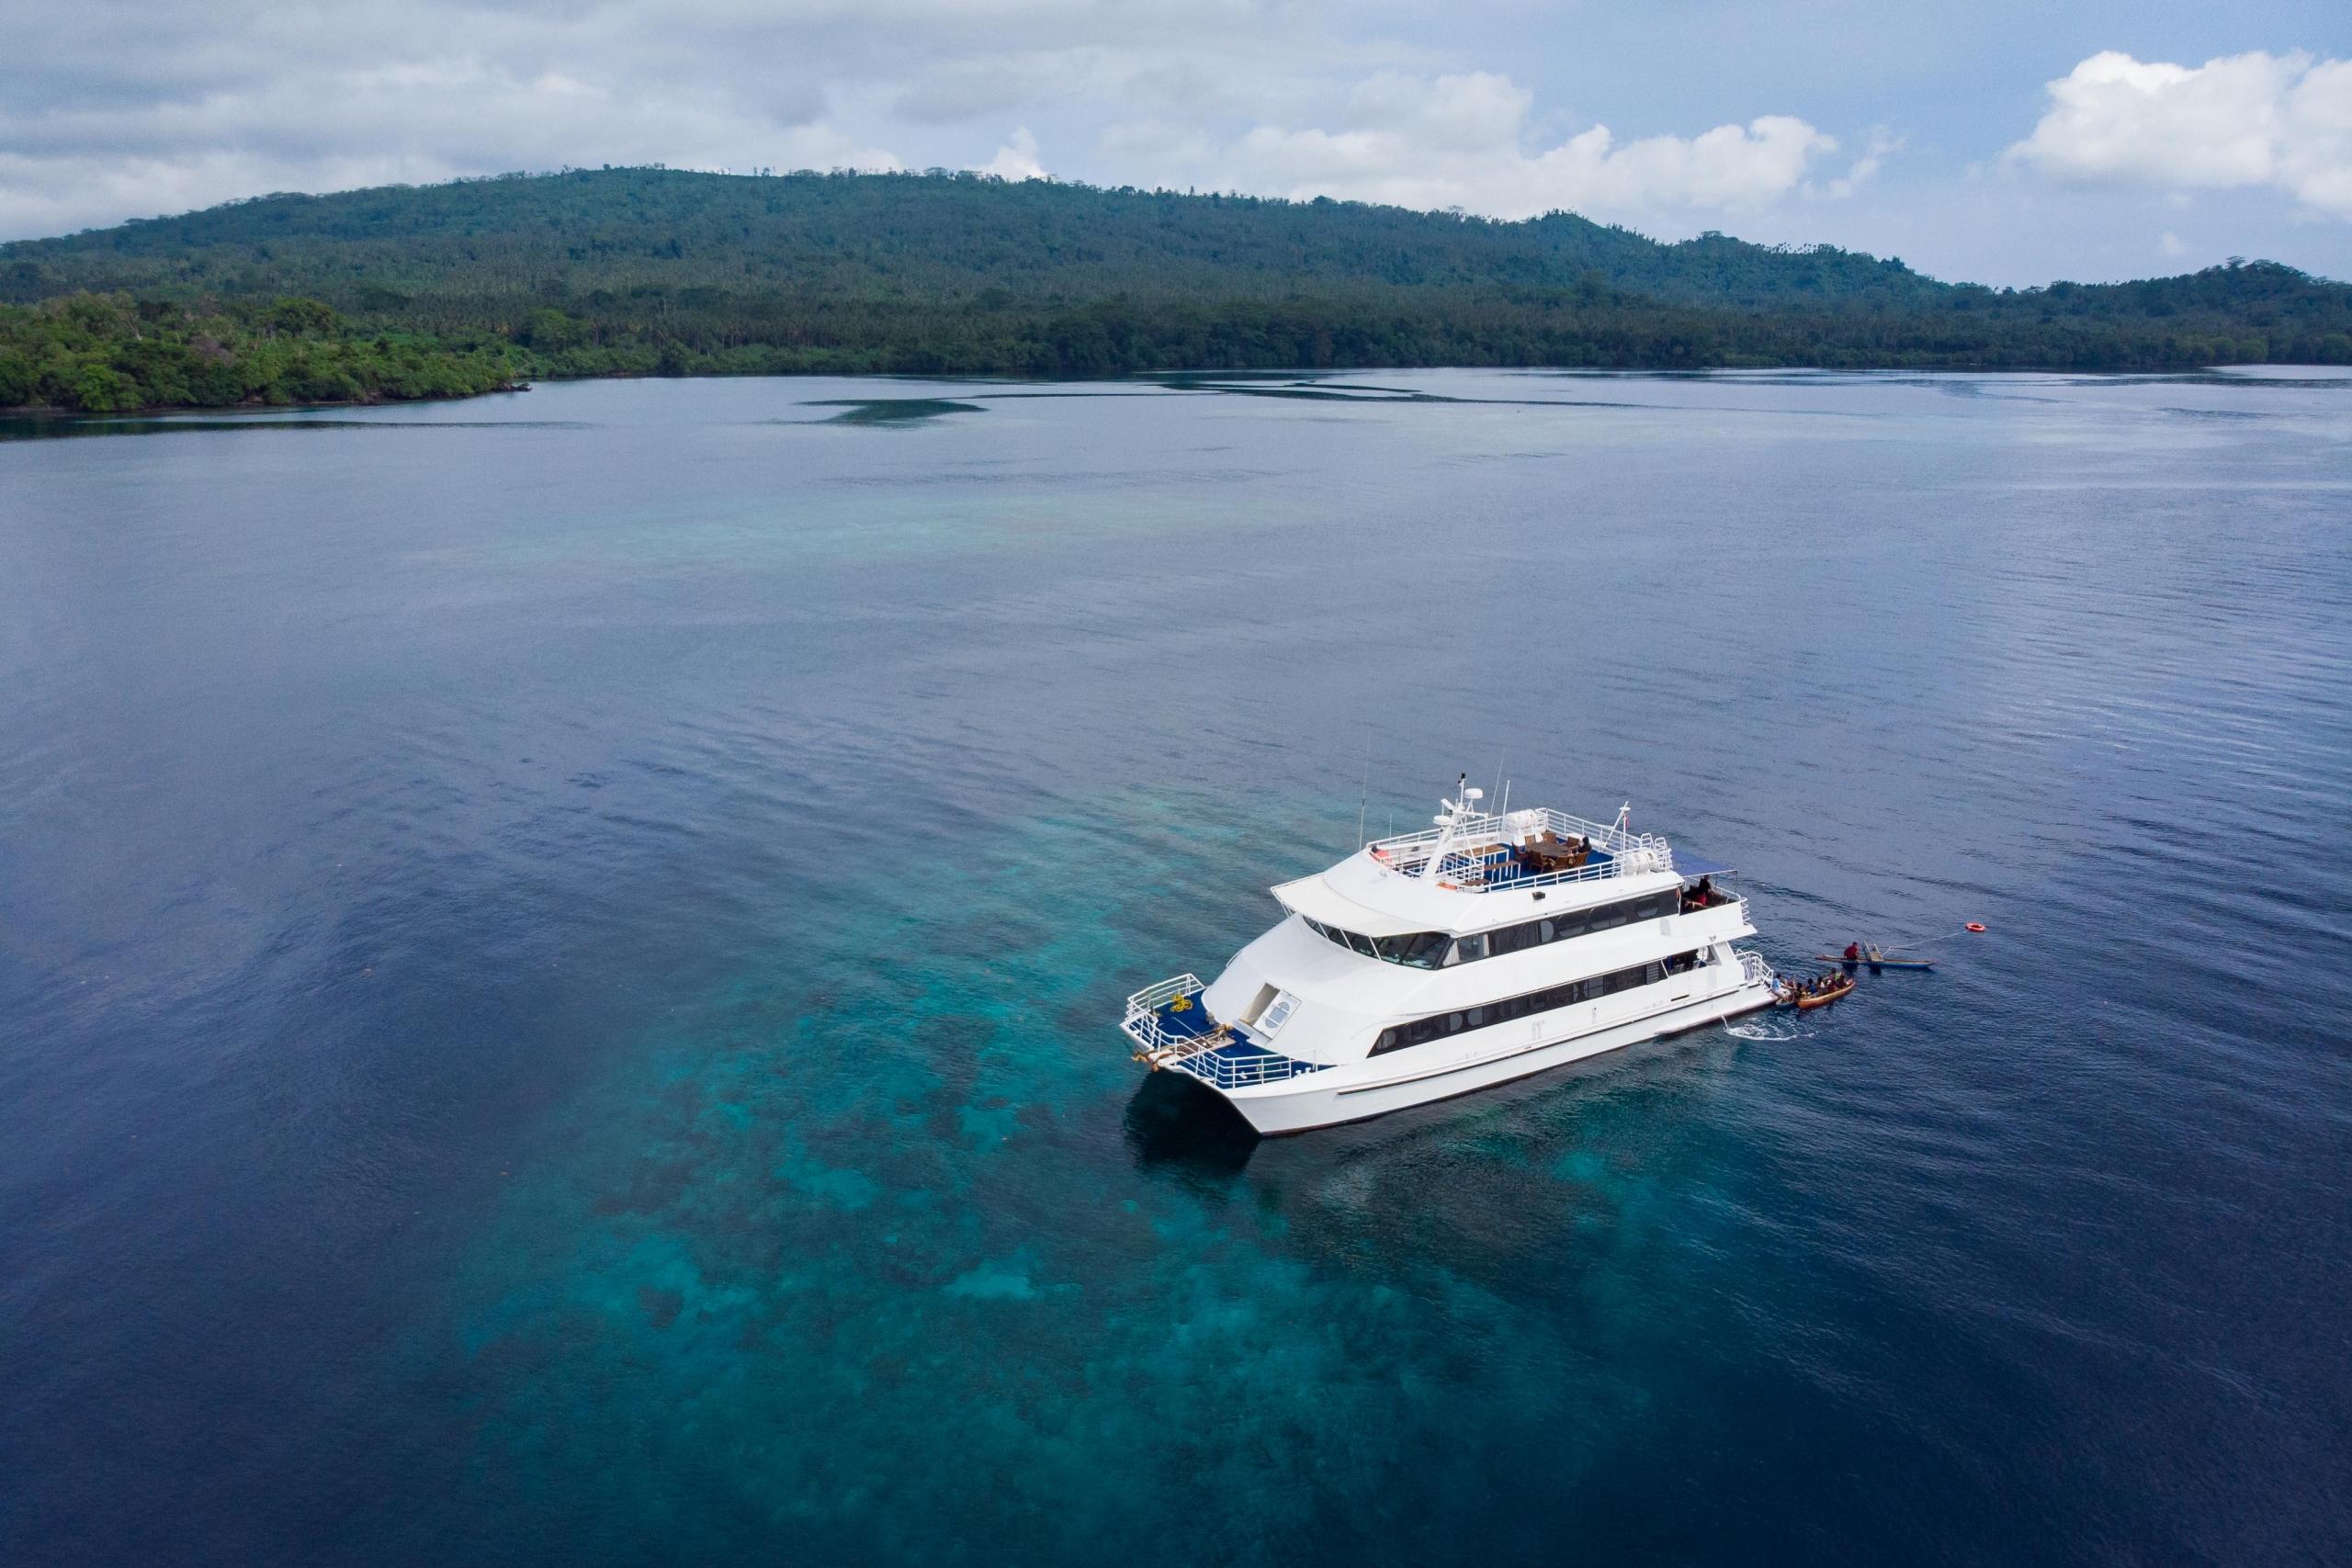 MV Oceania Aerial - (C) Grant Thomas